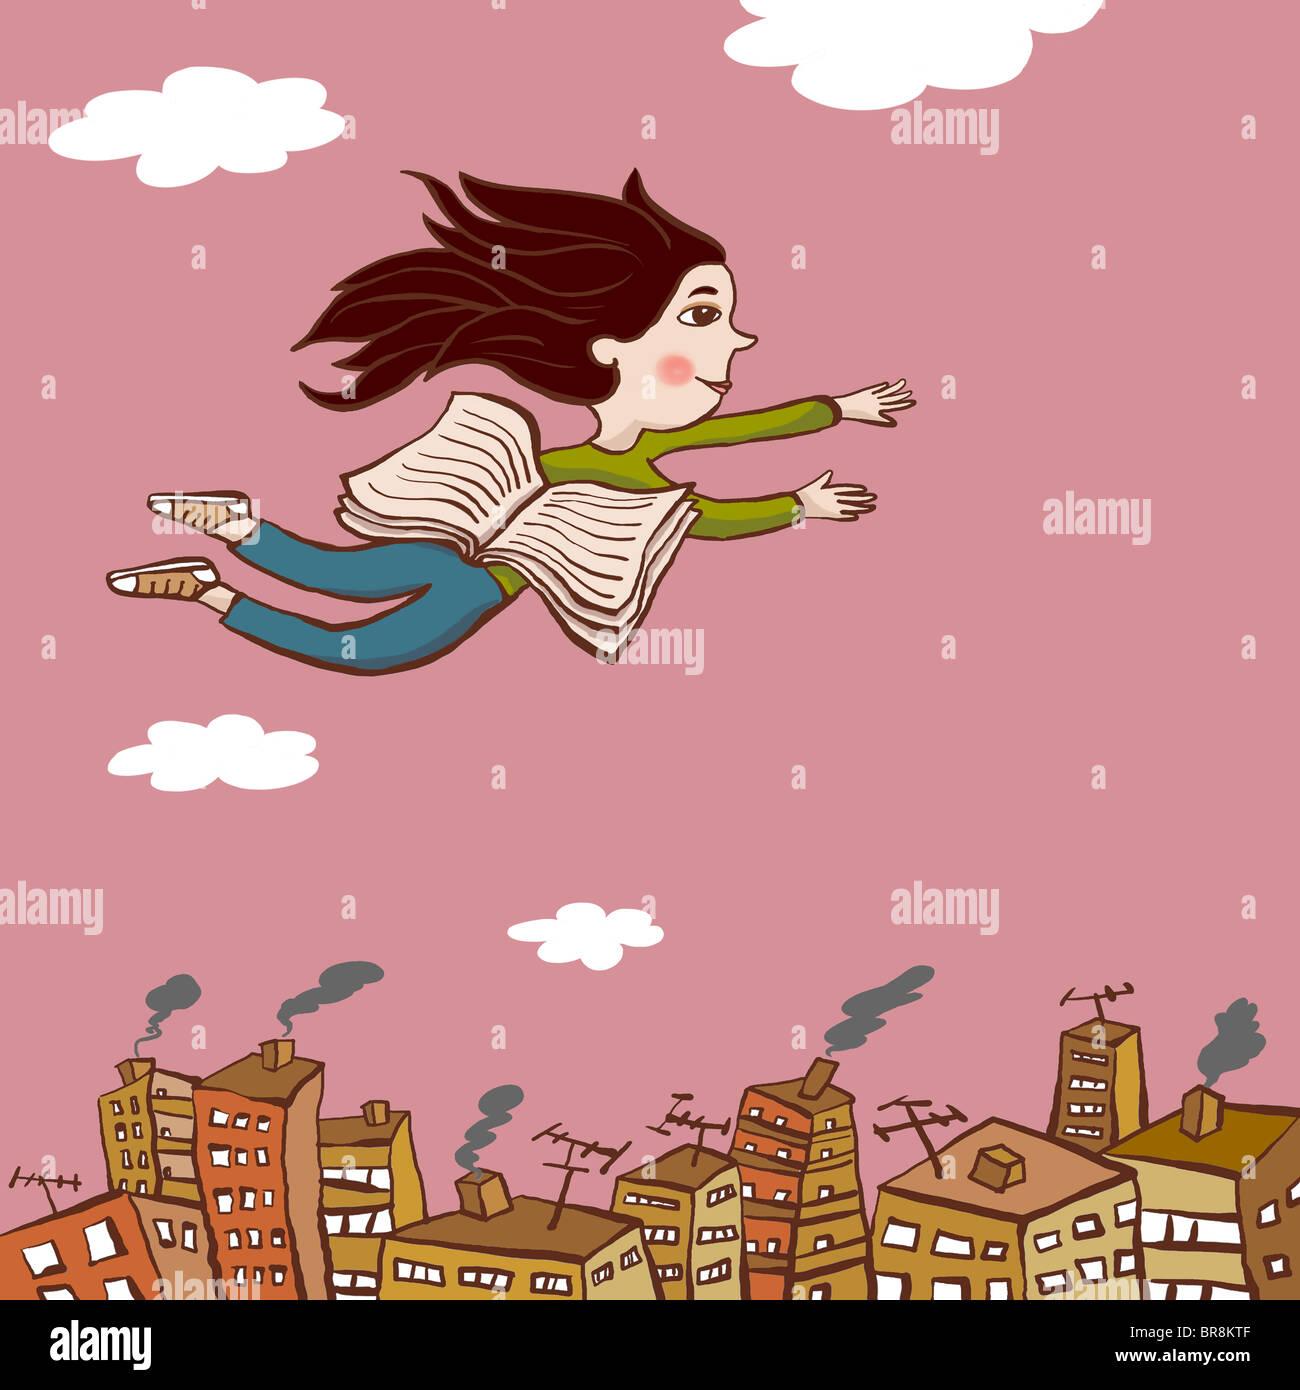 Un dibujo de una chica volando sobre una ciudad con las páginas de un libro actuando como alas Imagen De Stock